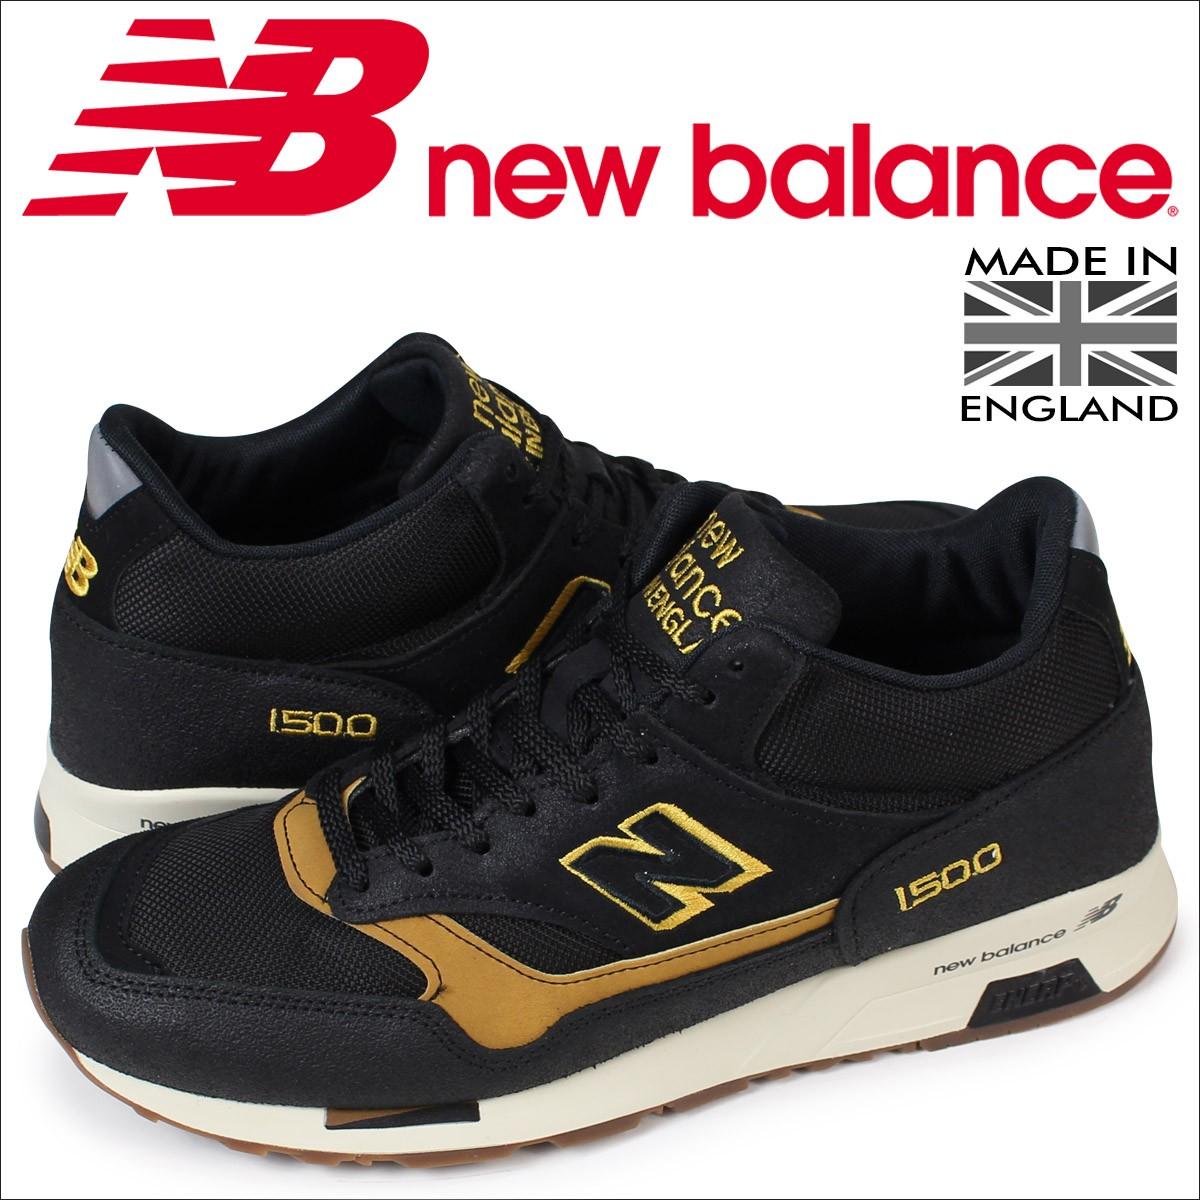 ニューバランス 1500 メンズ new balance スニーカー MH1500KT Dワイズ MADE IN UK 靴 ブラック [12/6 新入荷]